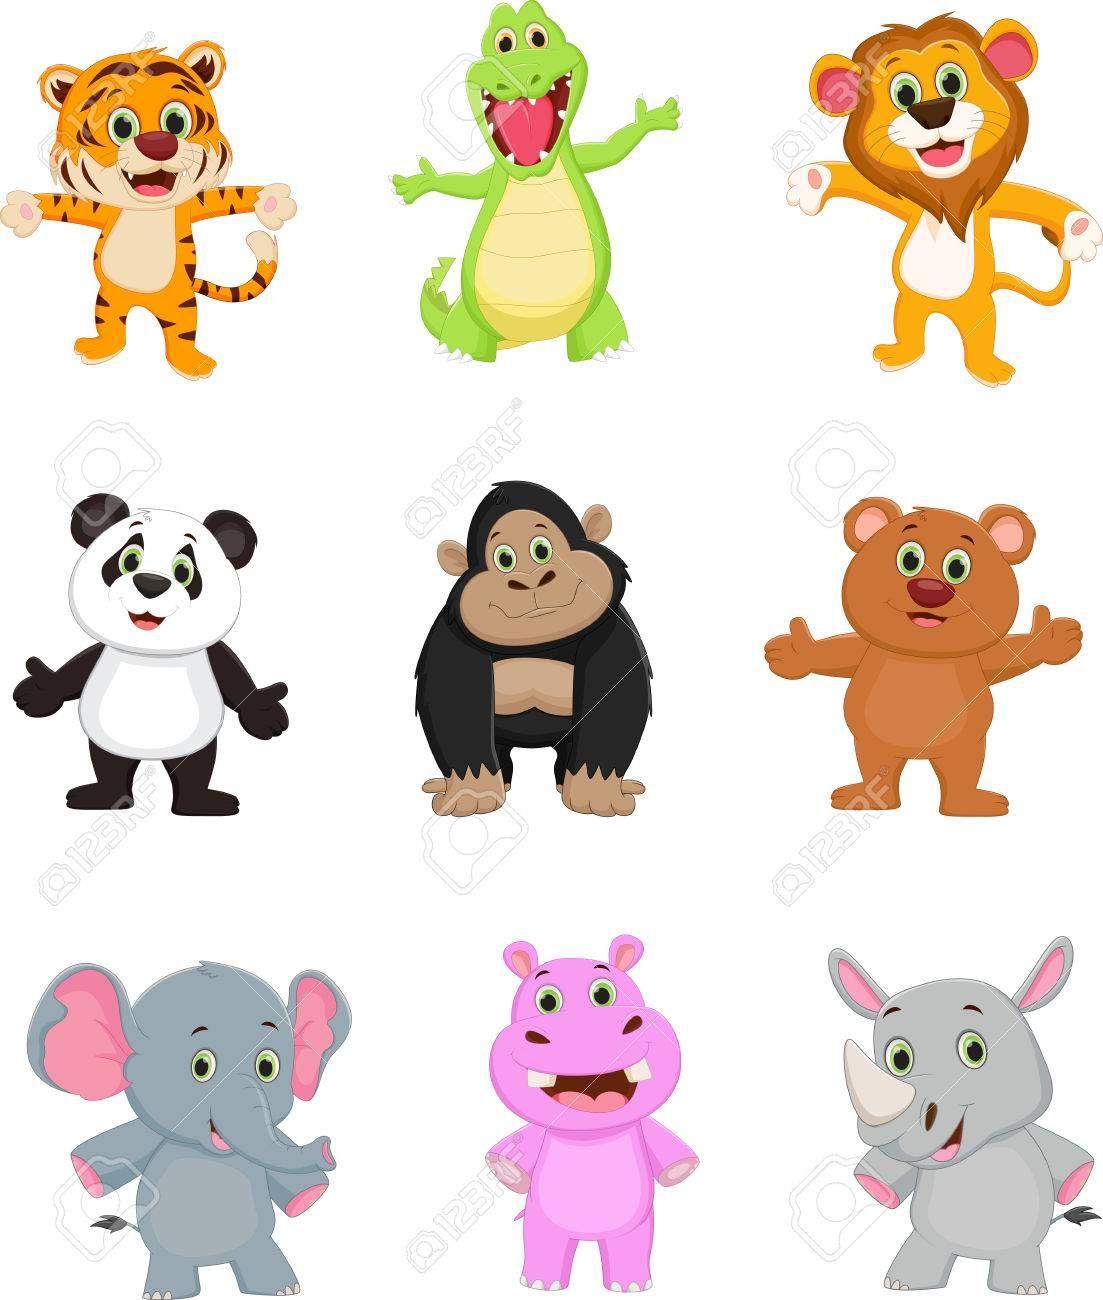 Coleccion De Dibujos Animados De Animales Salvajes Ilustraciones Vectoriales Cli Animales Dibujos Animados Animales Animados Tiernos Animales Salvajes Dibujos